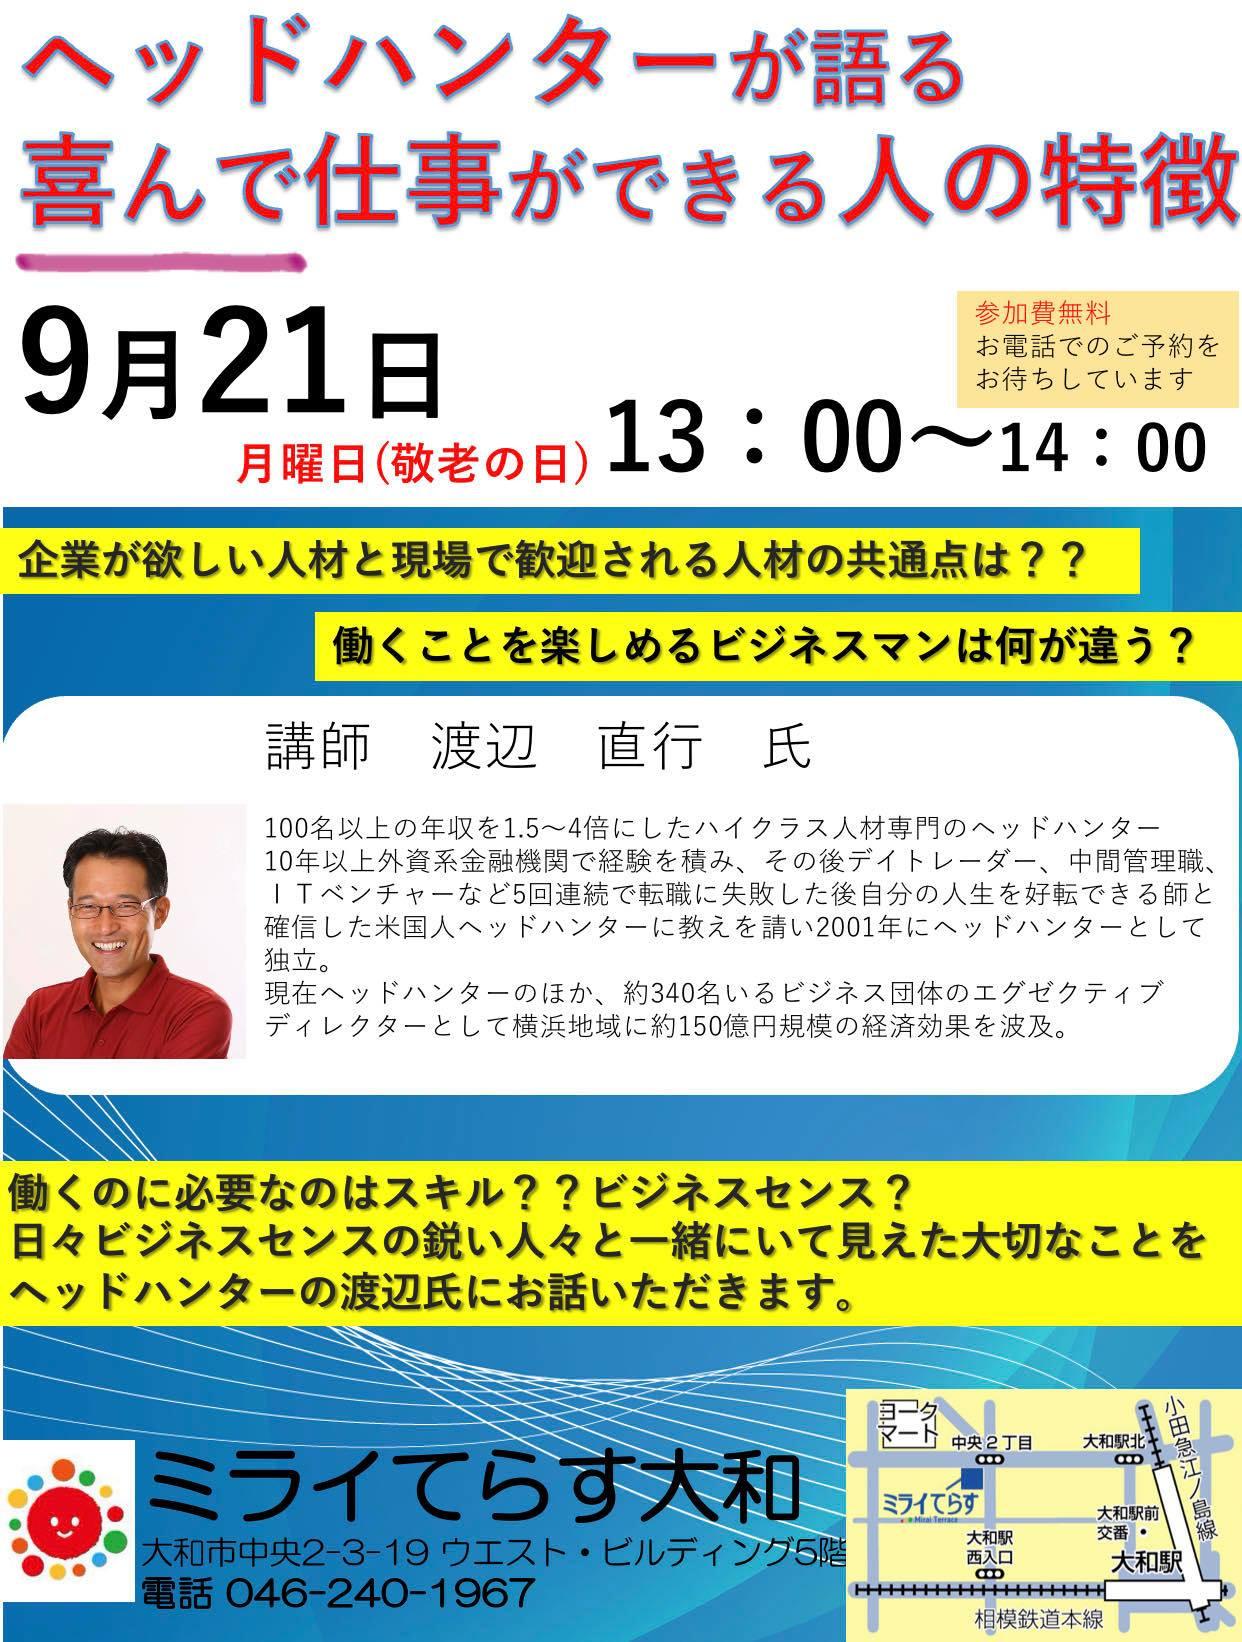 9月21日公開イベント